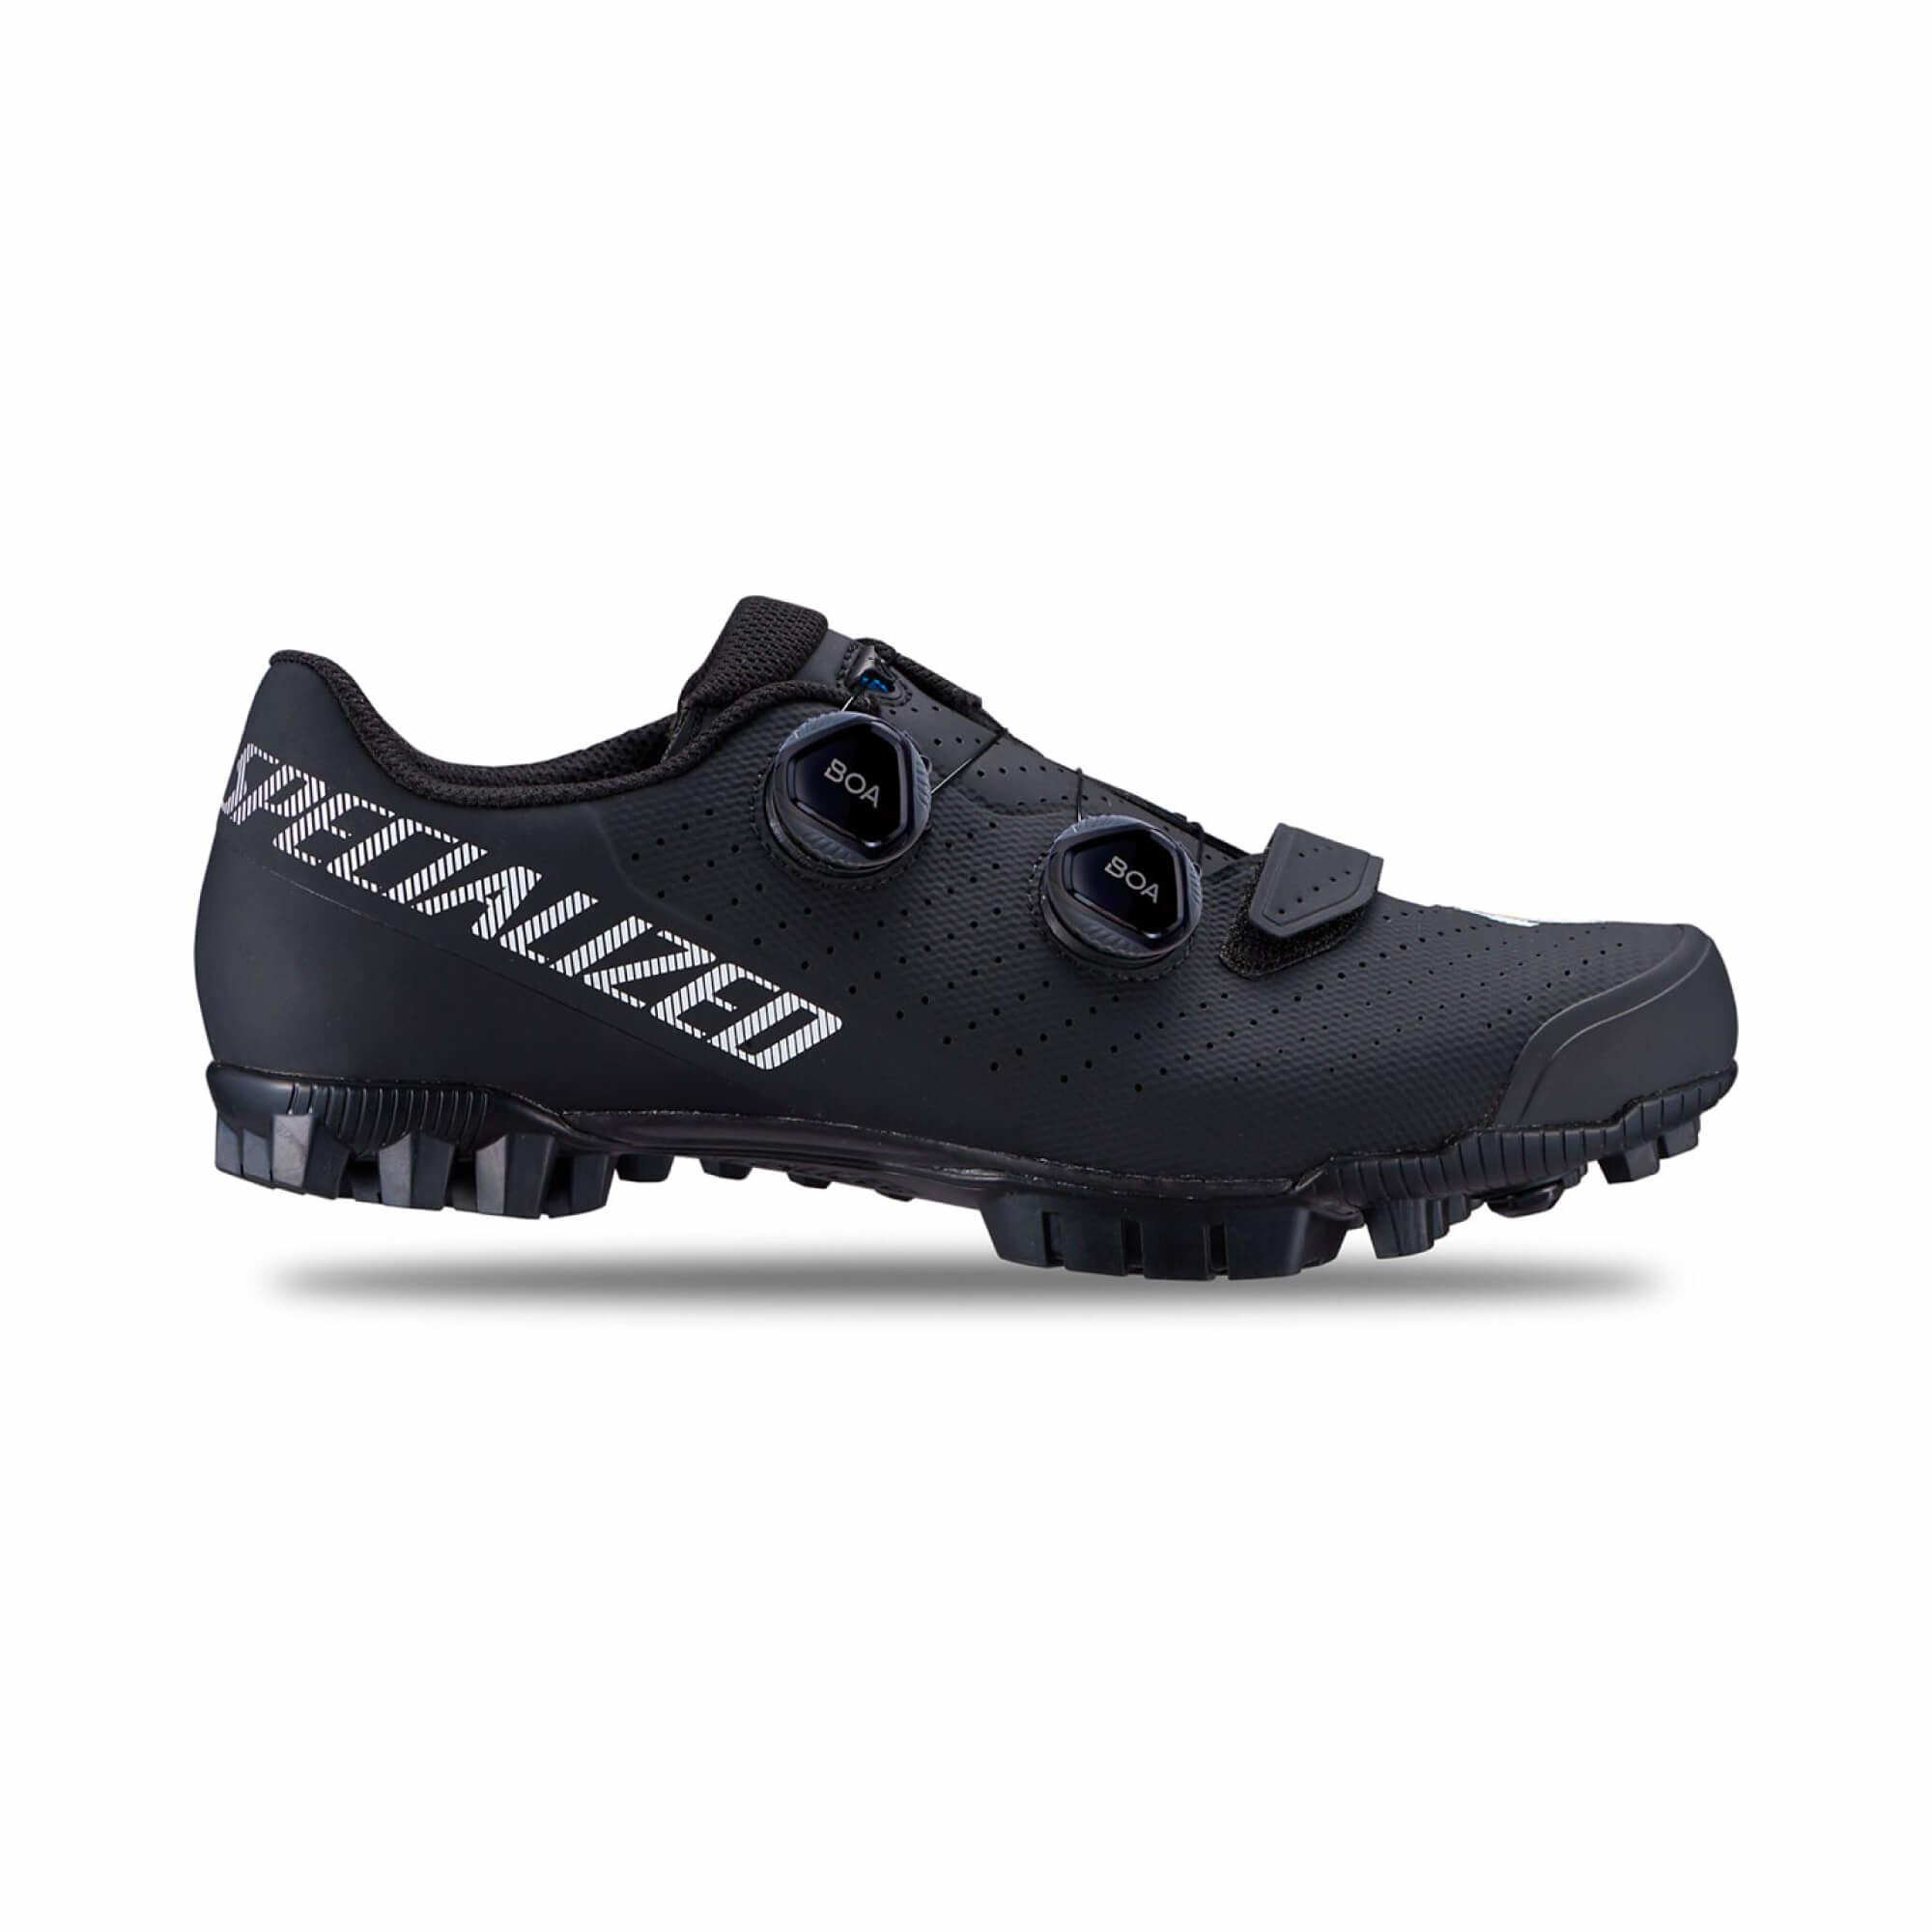 Recon 3.0 Mountain Bike Shoes-1